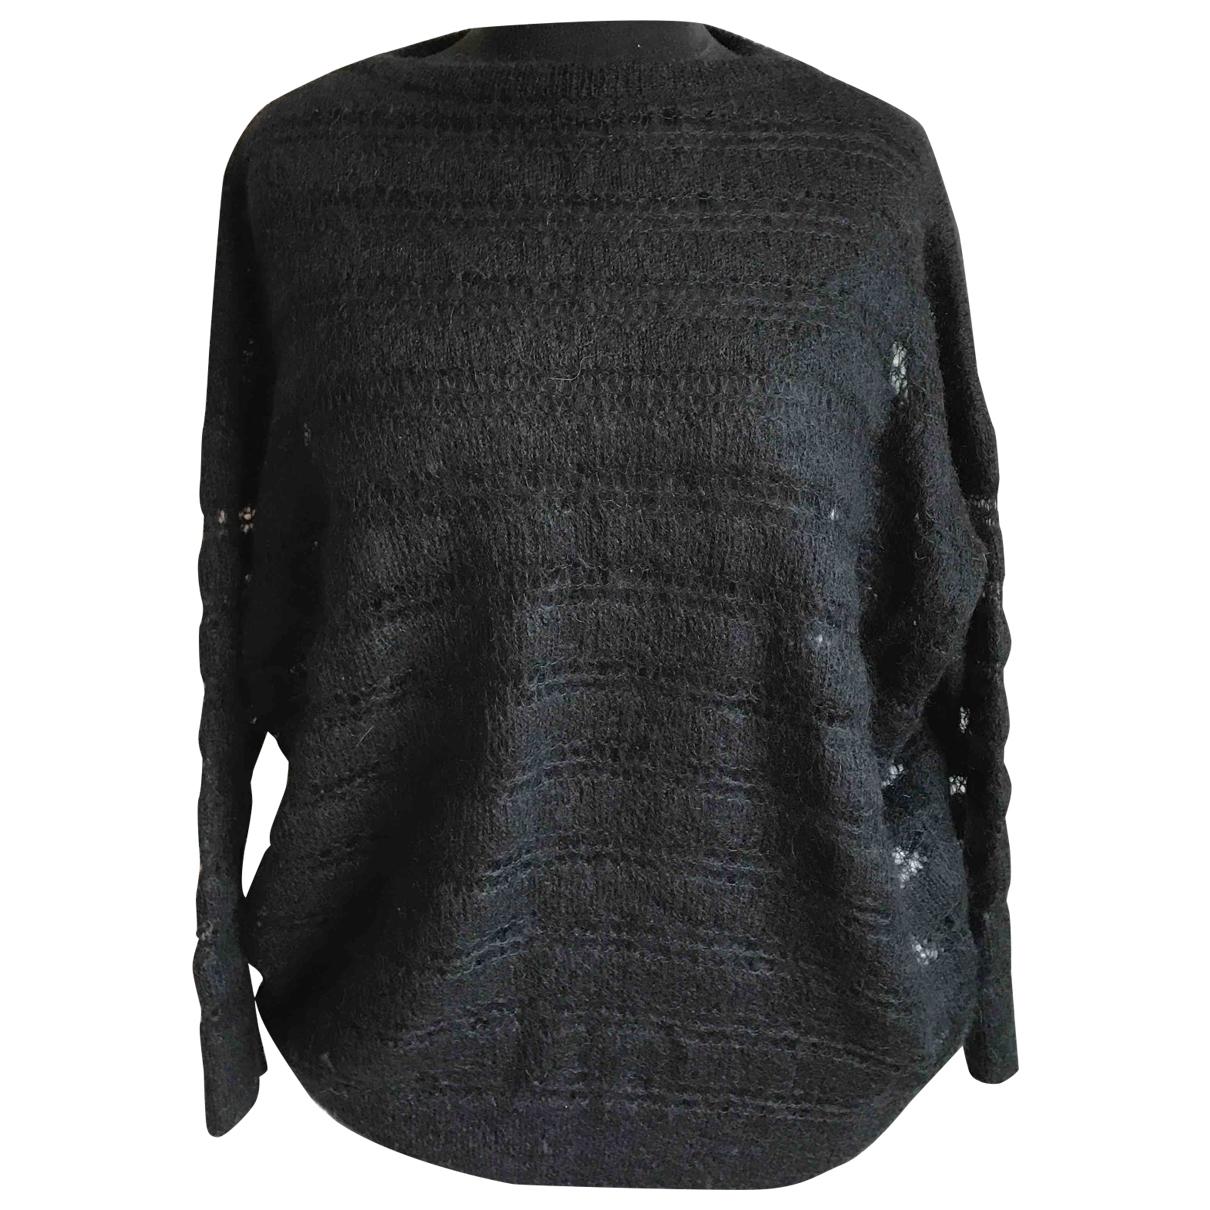 Saint Laurent \N Pullover in  Schwarz Wolle